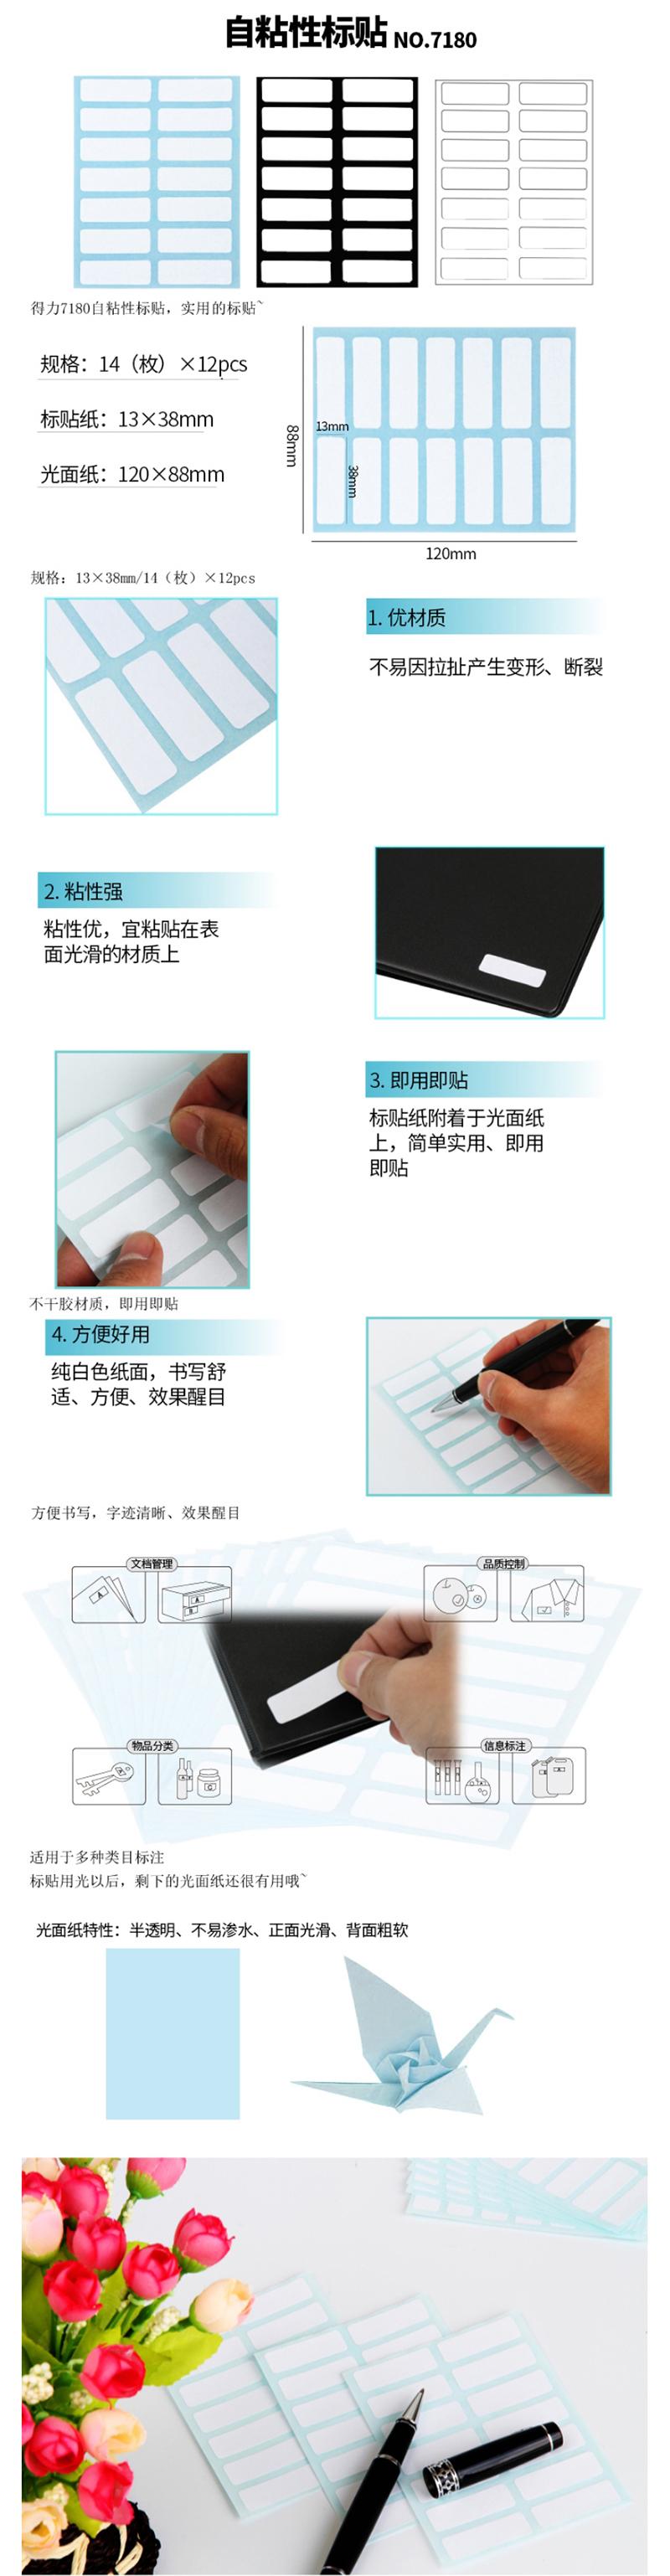 得力 168枚13*36mm 不干胶标签贴纸 自粘性标贴 14枚/张 7180-168 详情页1